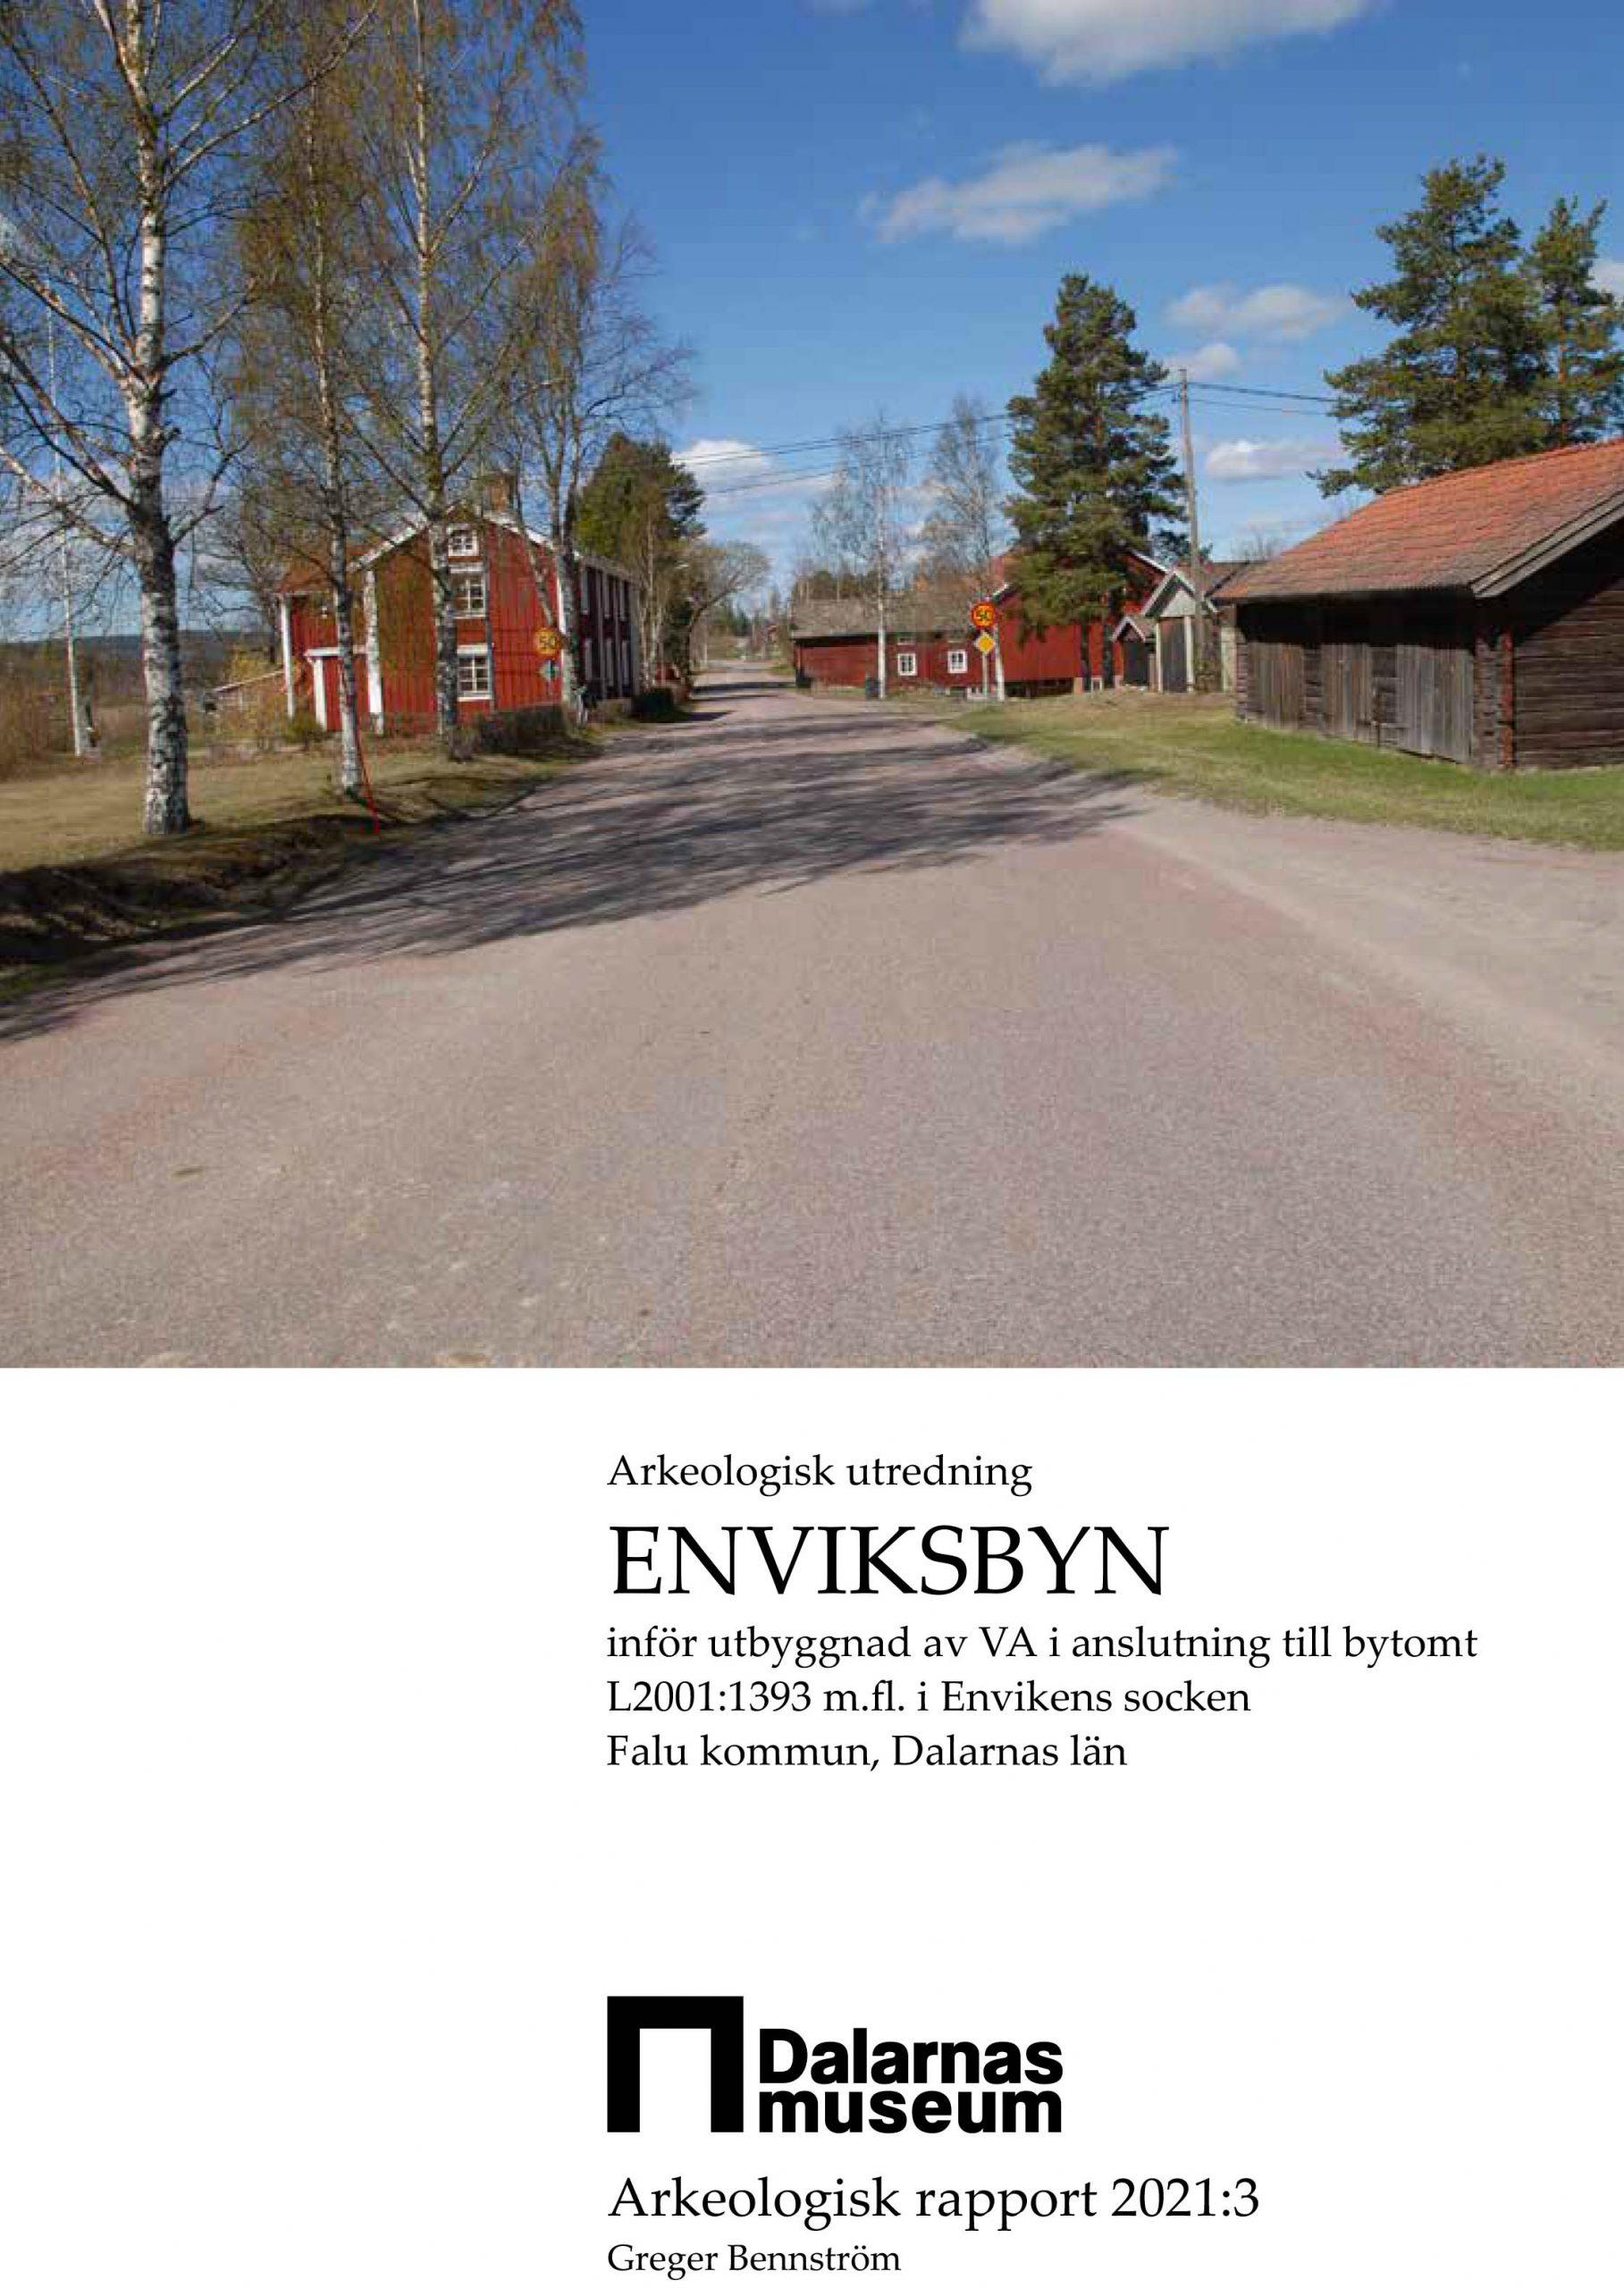 Arkeologiskrapport_Enviksbyn